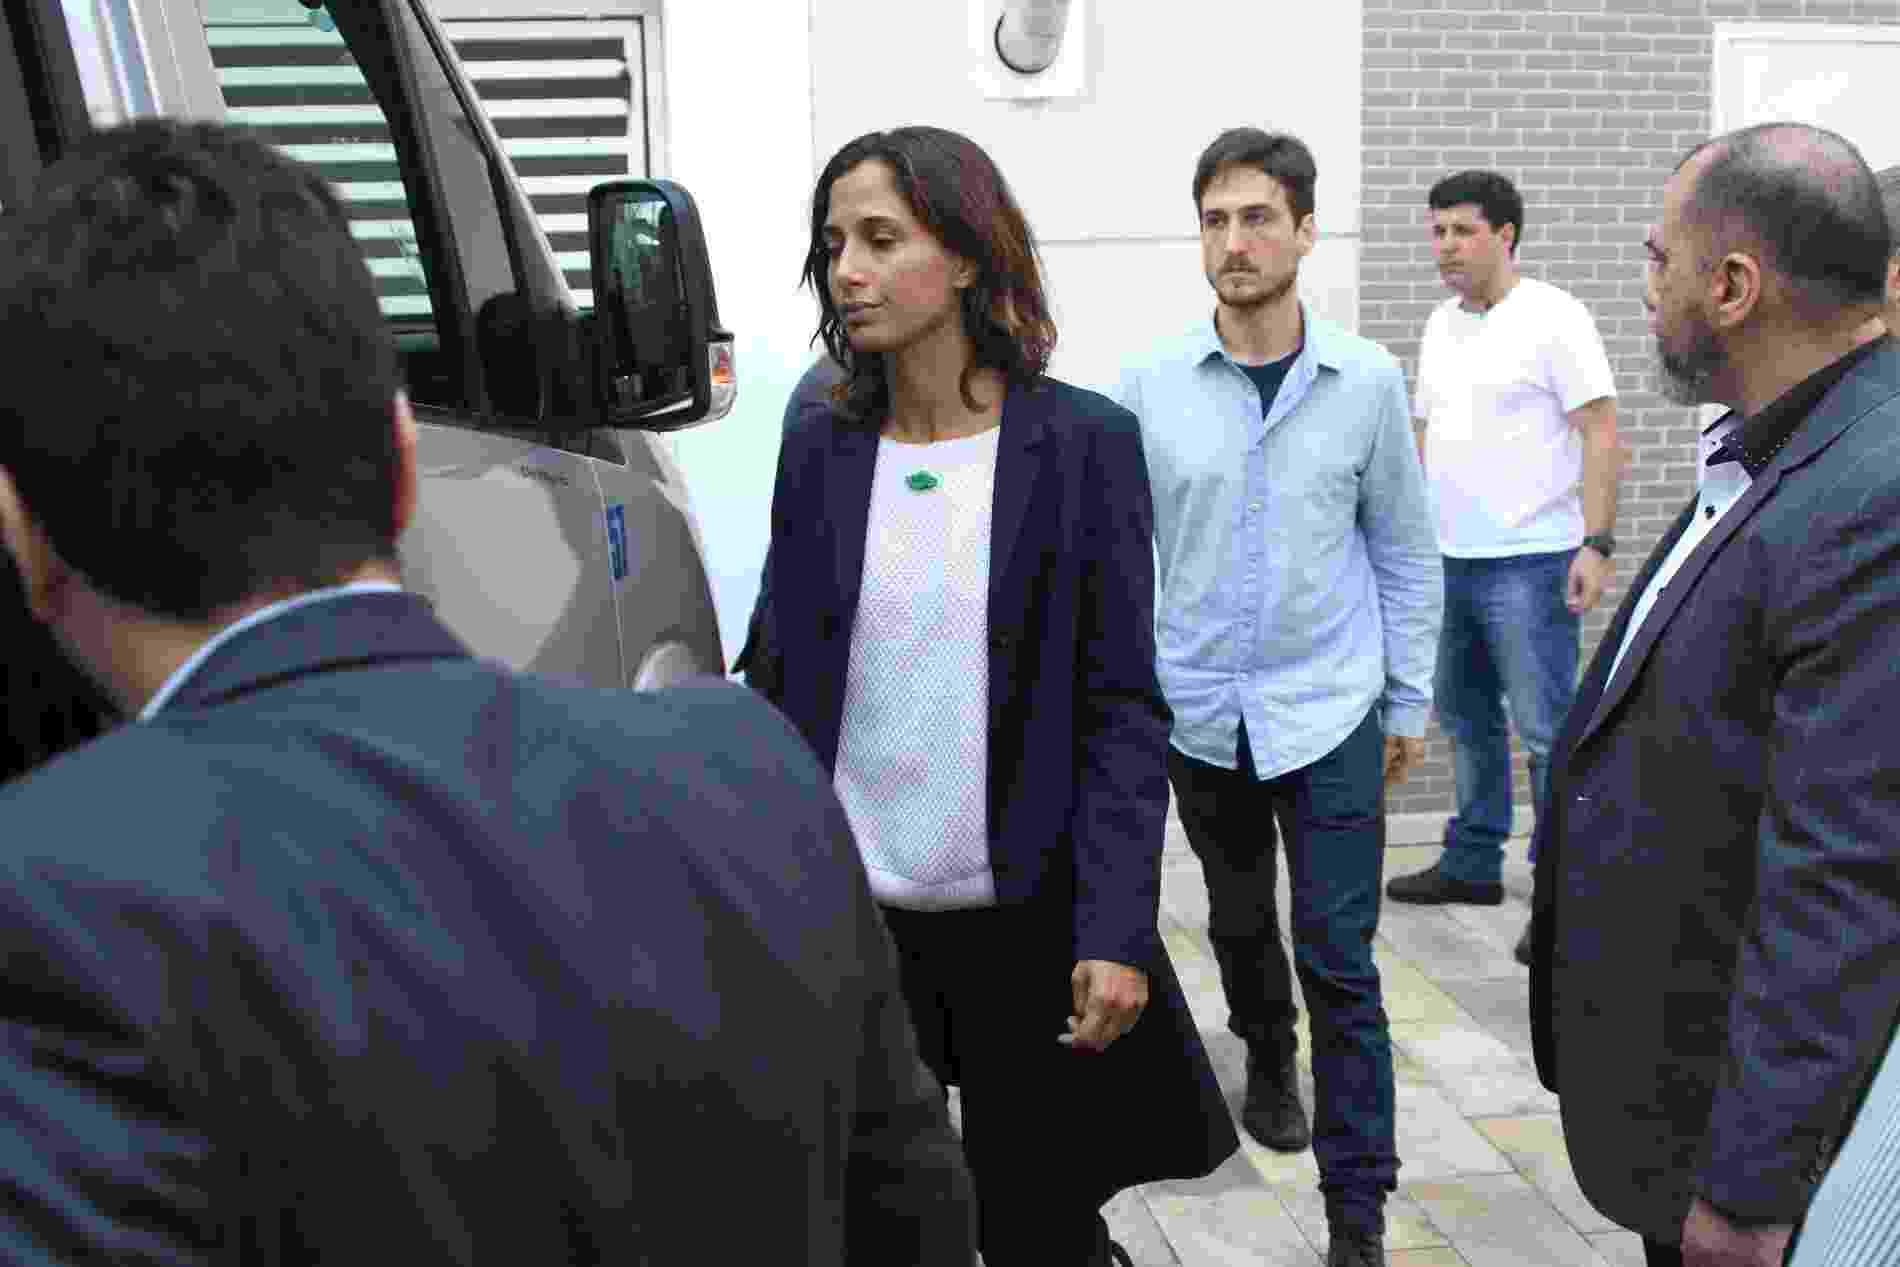 17.set.2016 - Muito abatida, Camila Pitanga deixa velório de Domingos Montagner em São Paulo acompanhada pelo namorado Igor Angelkorte - Thiago Duran/AgNews